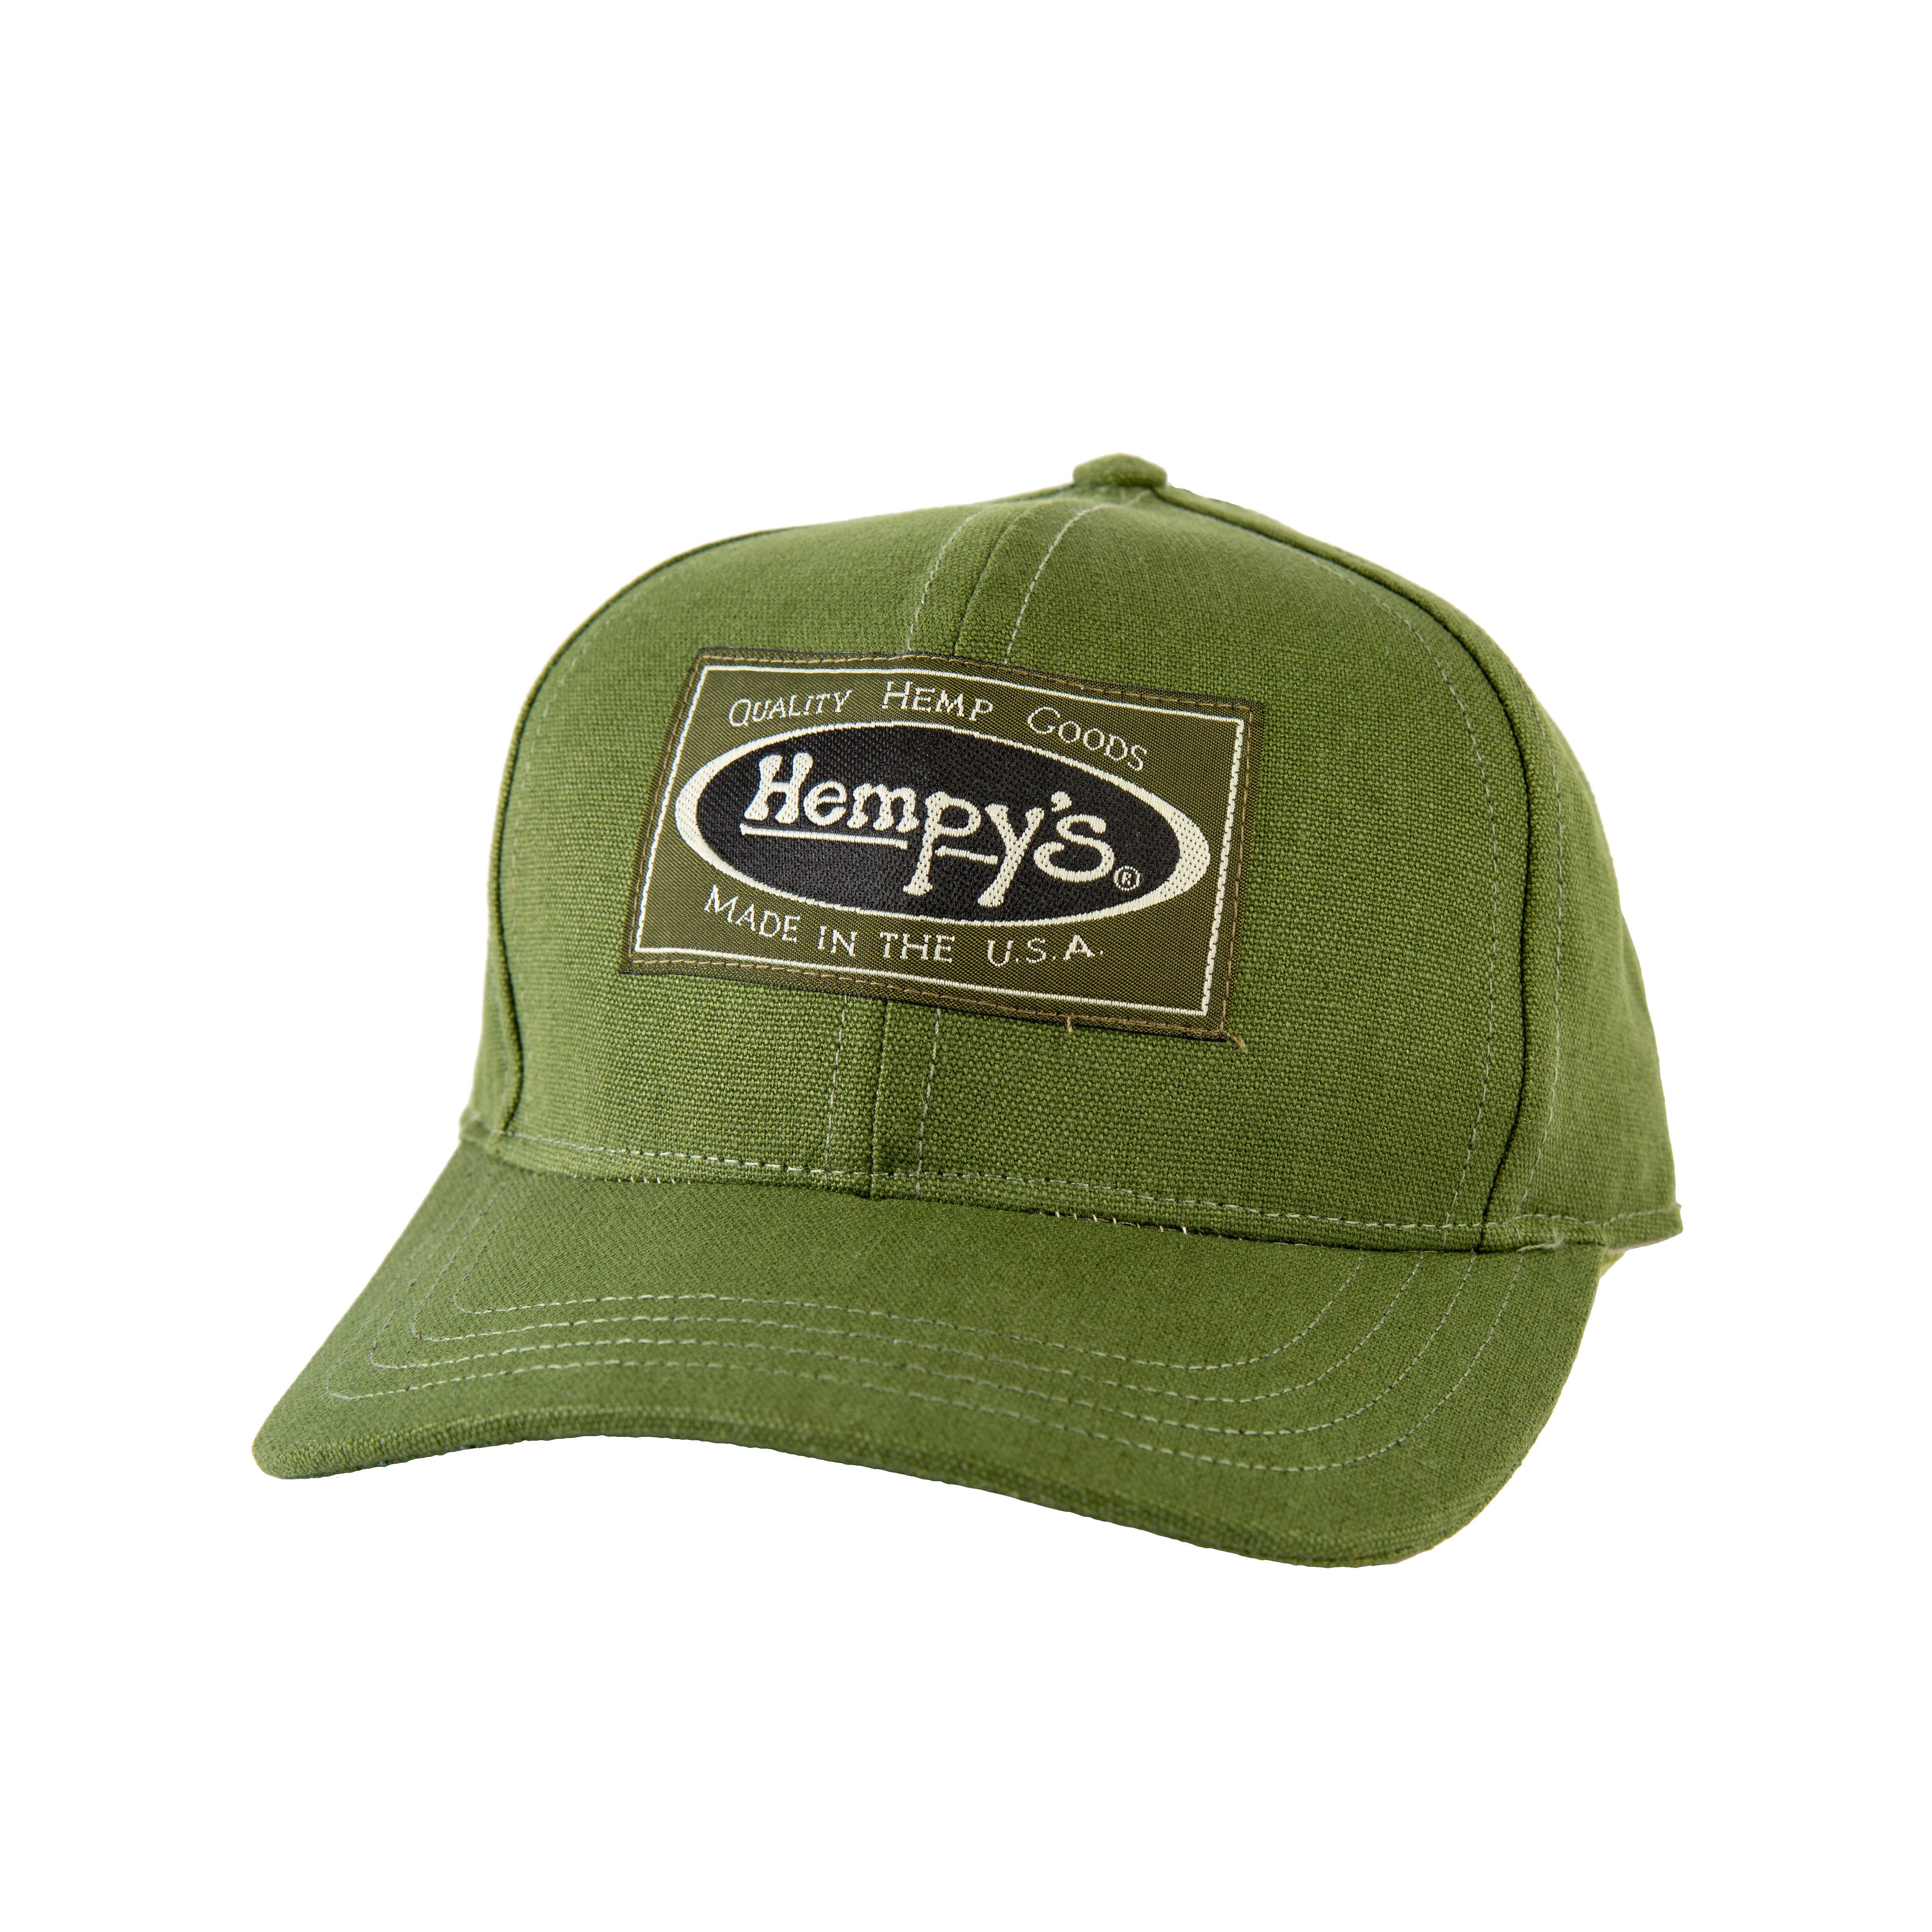 cda791813fa Hemp Vintage Baseball Cap Green - HEMPY S Quality Hemp Goods